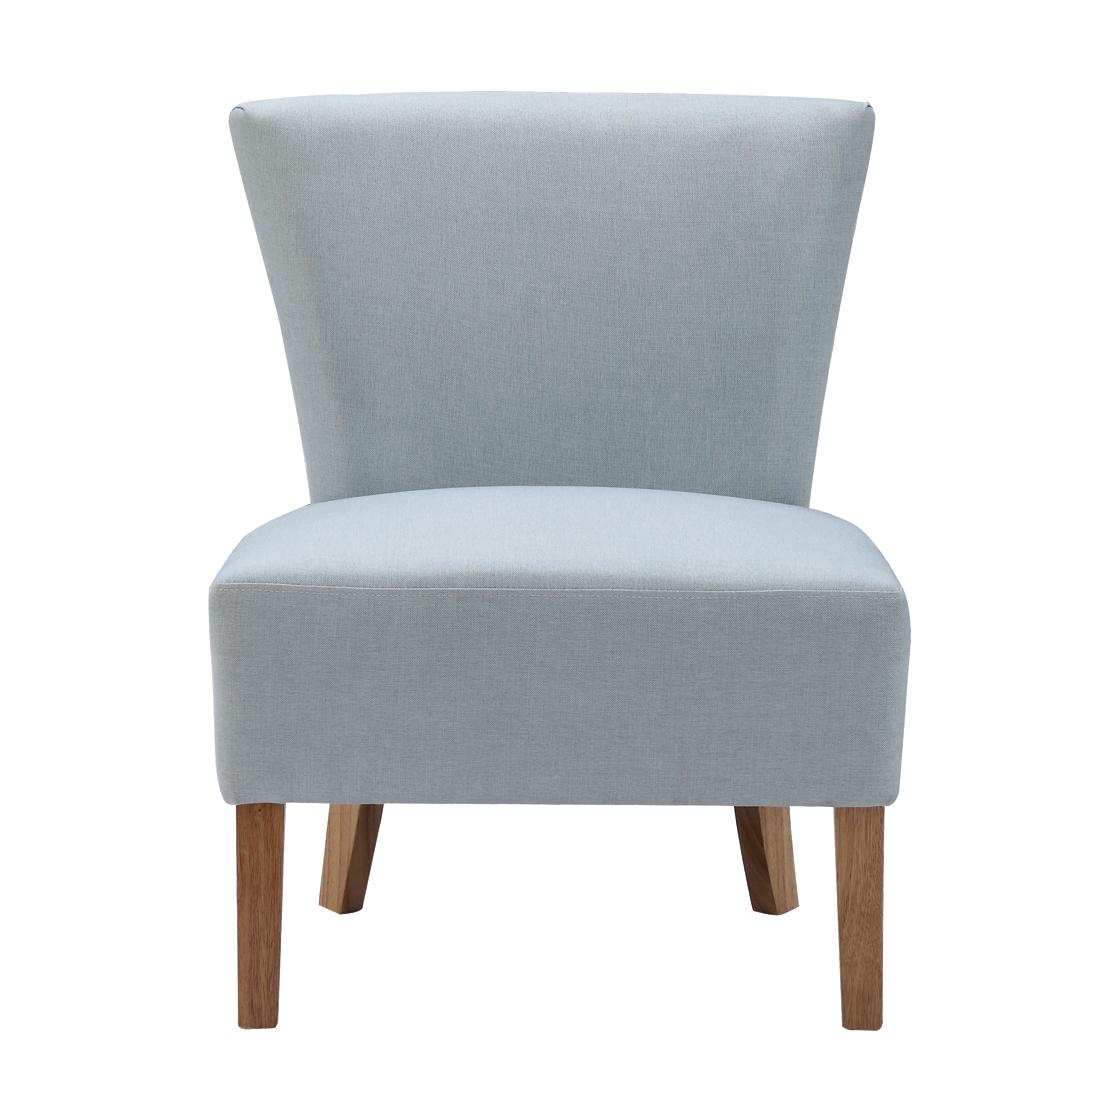 Austen Chair Duck Egg Blue